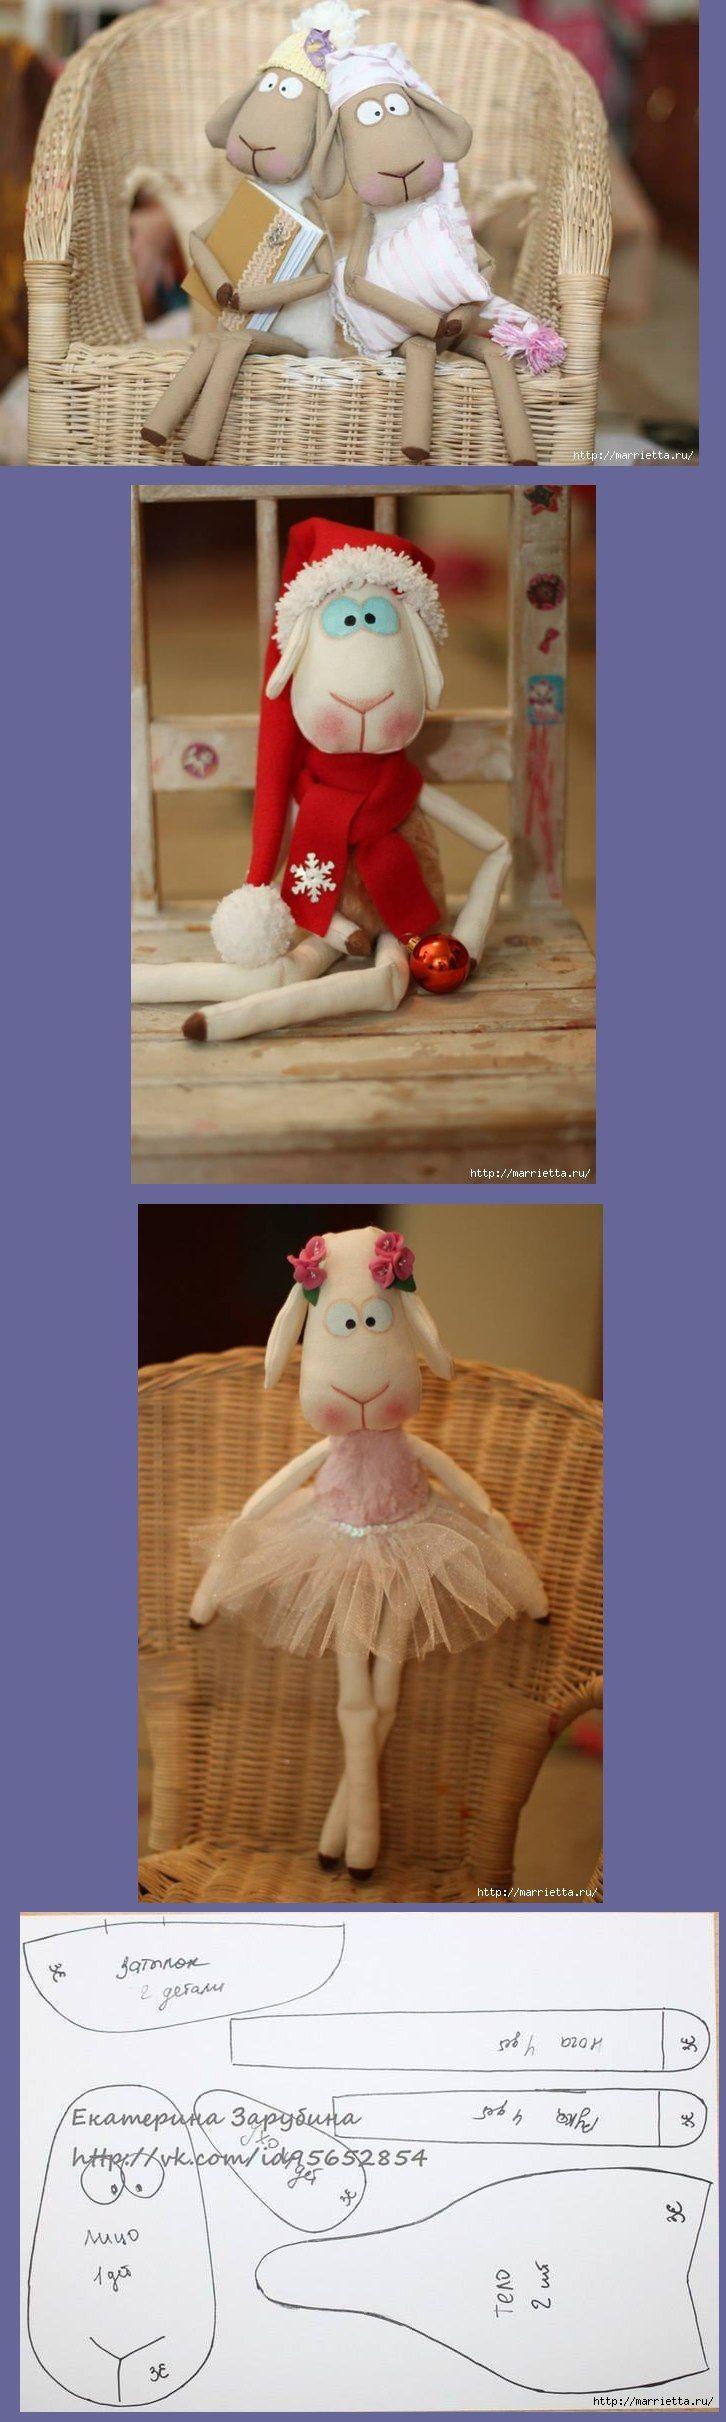 ovelhas... minhas novas paixões... adorooo